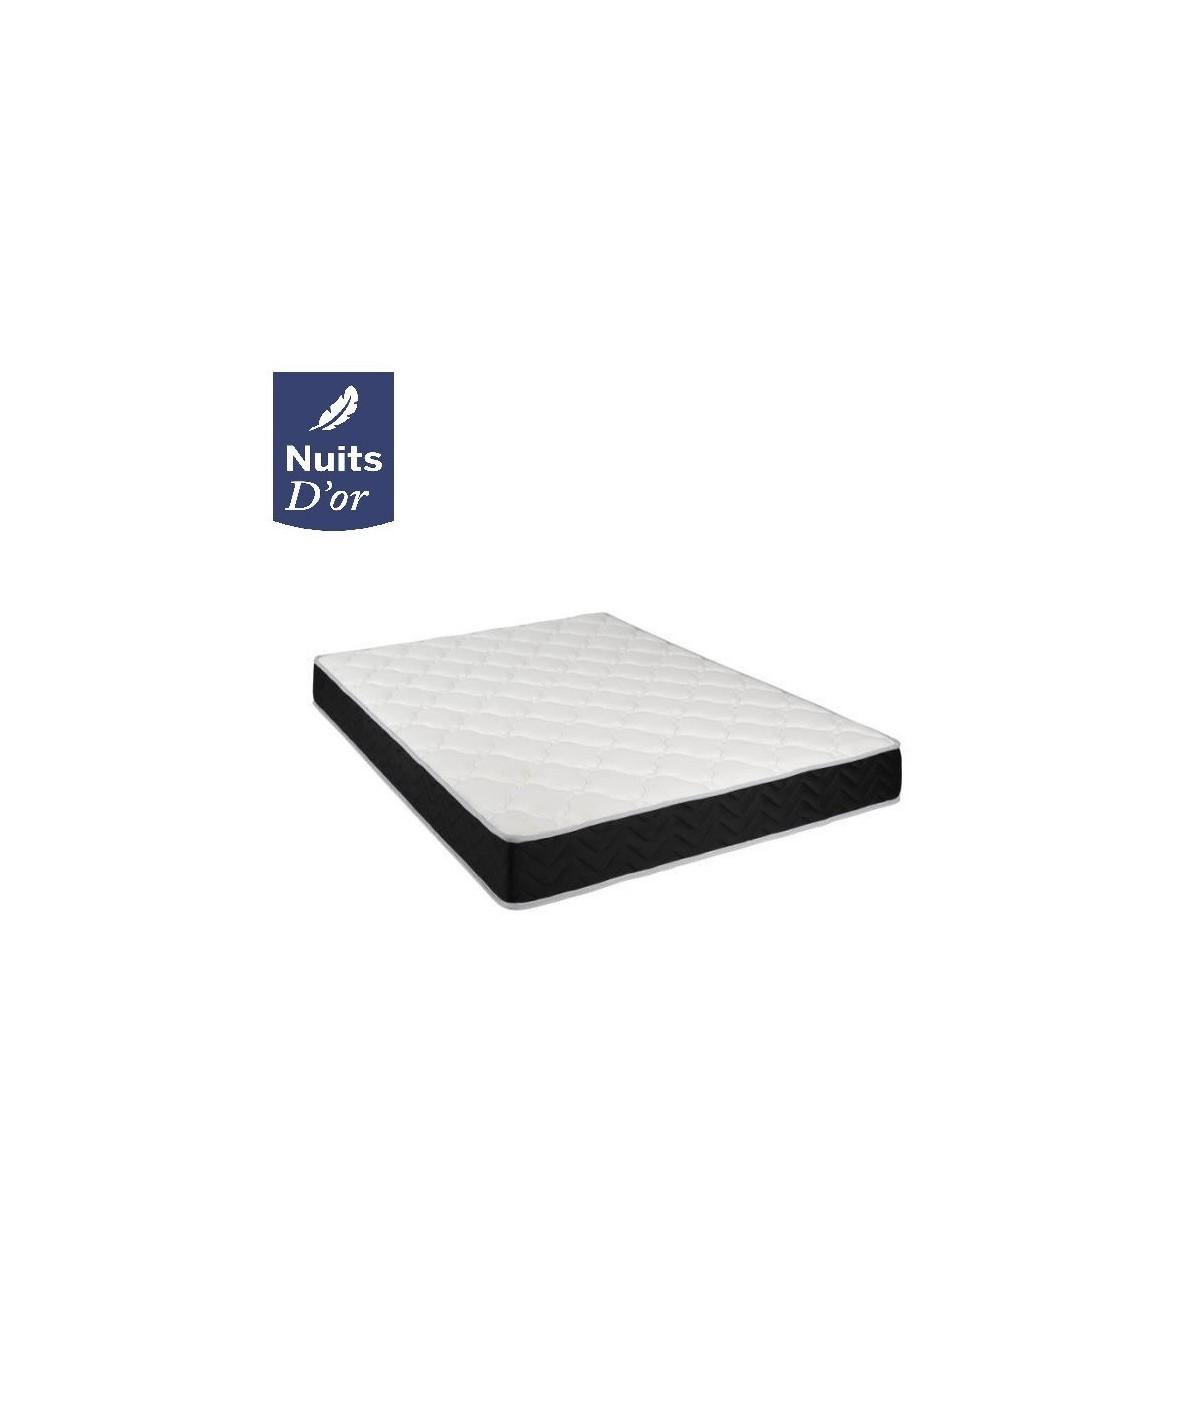 Lot de 2 Matelas Latex Haute Résilience 80 Kg/m3 + Aertech - Epaisseur 20 Cm - Soutien Ferme - hypoallergénique + 2 Protèges Mat